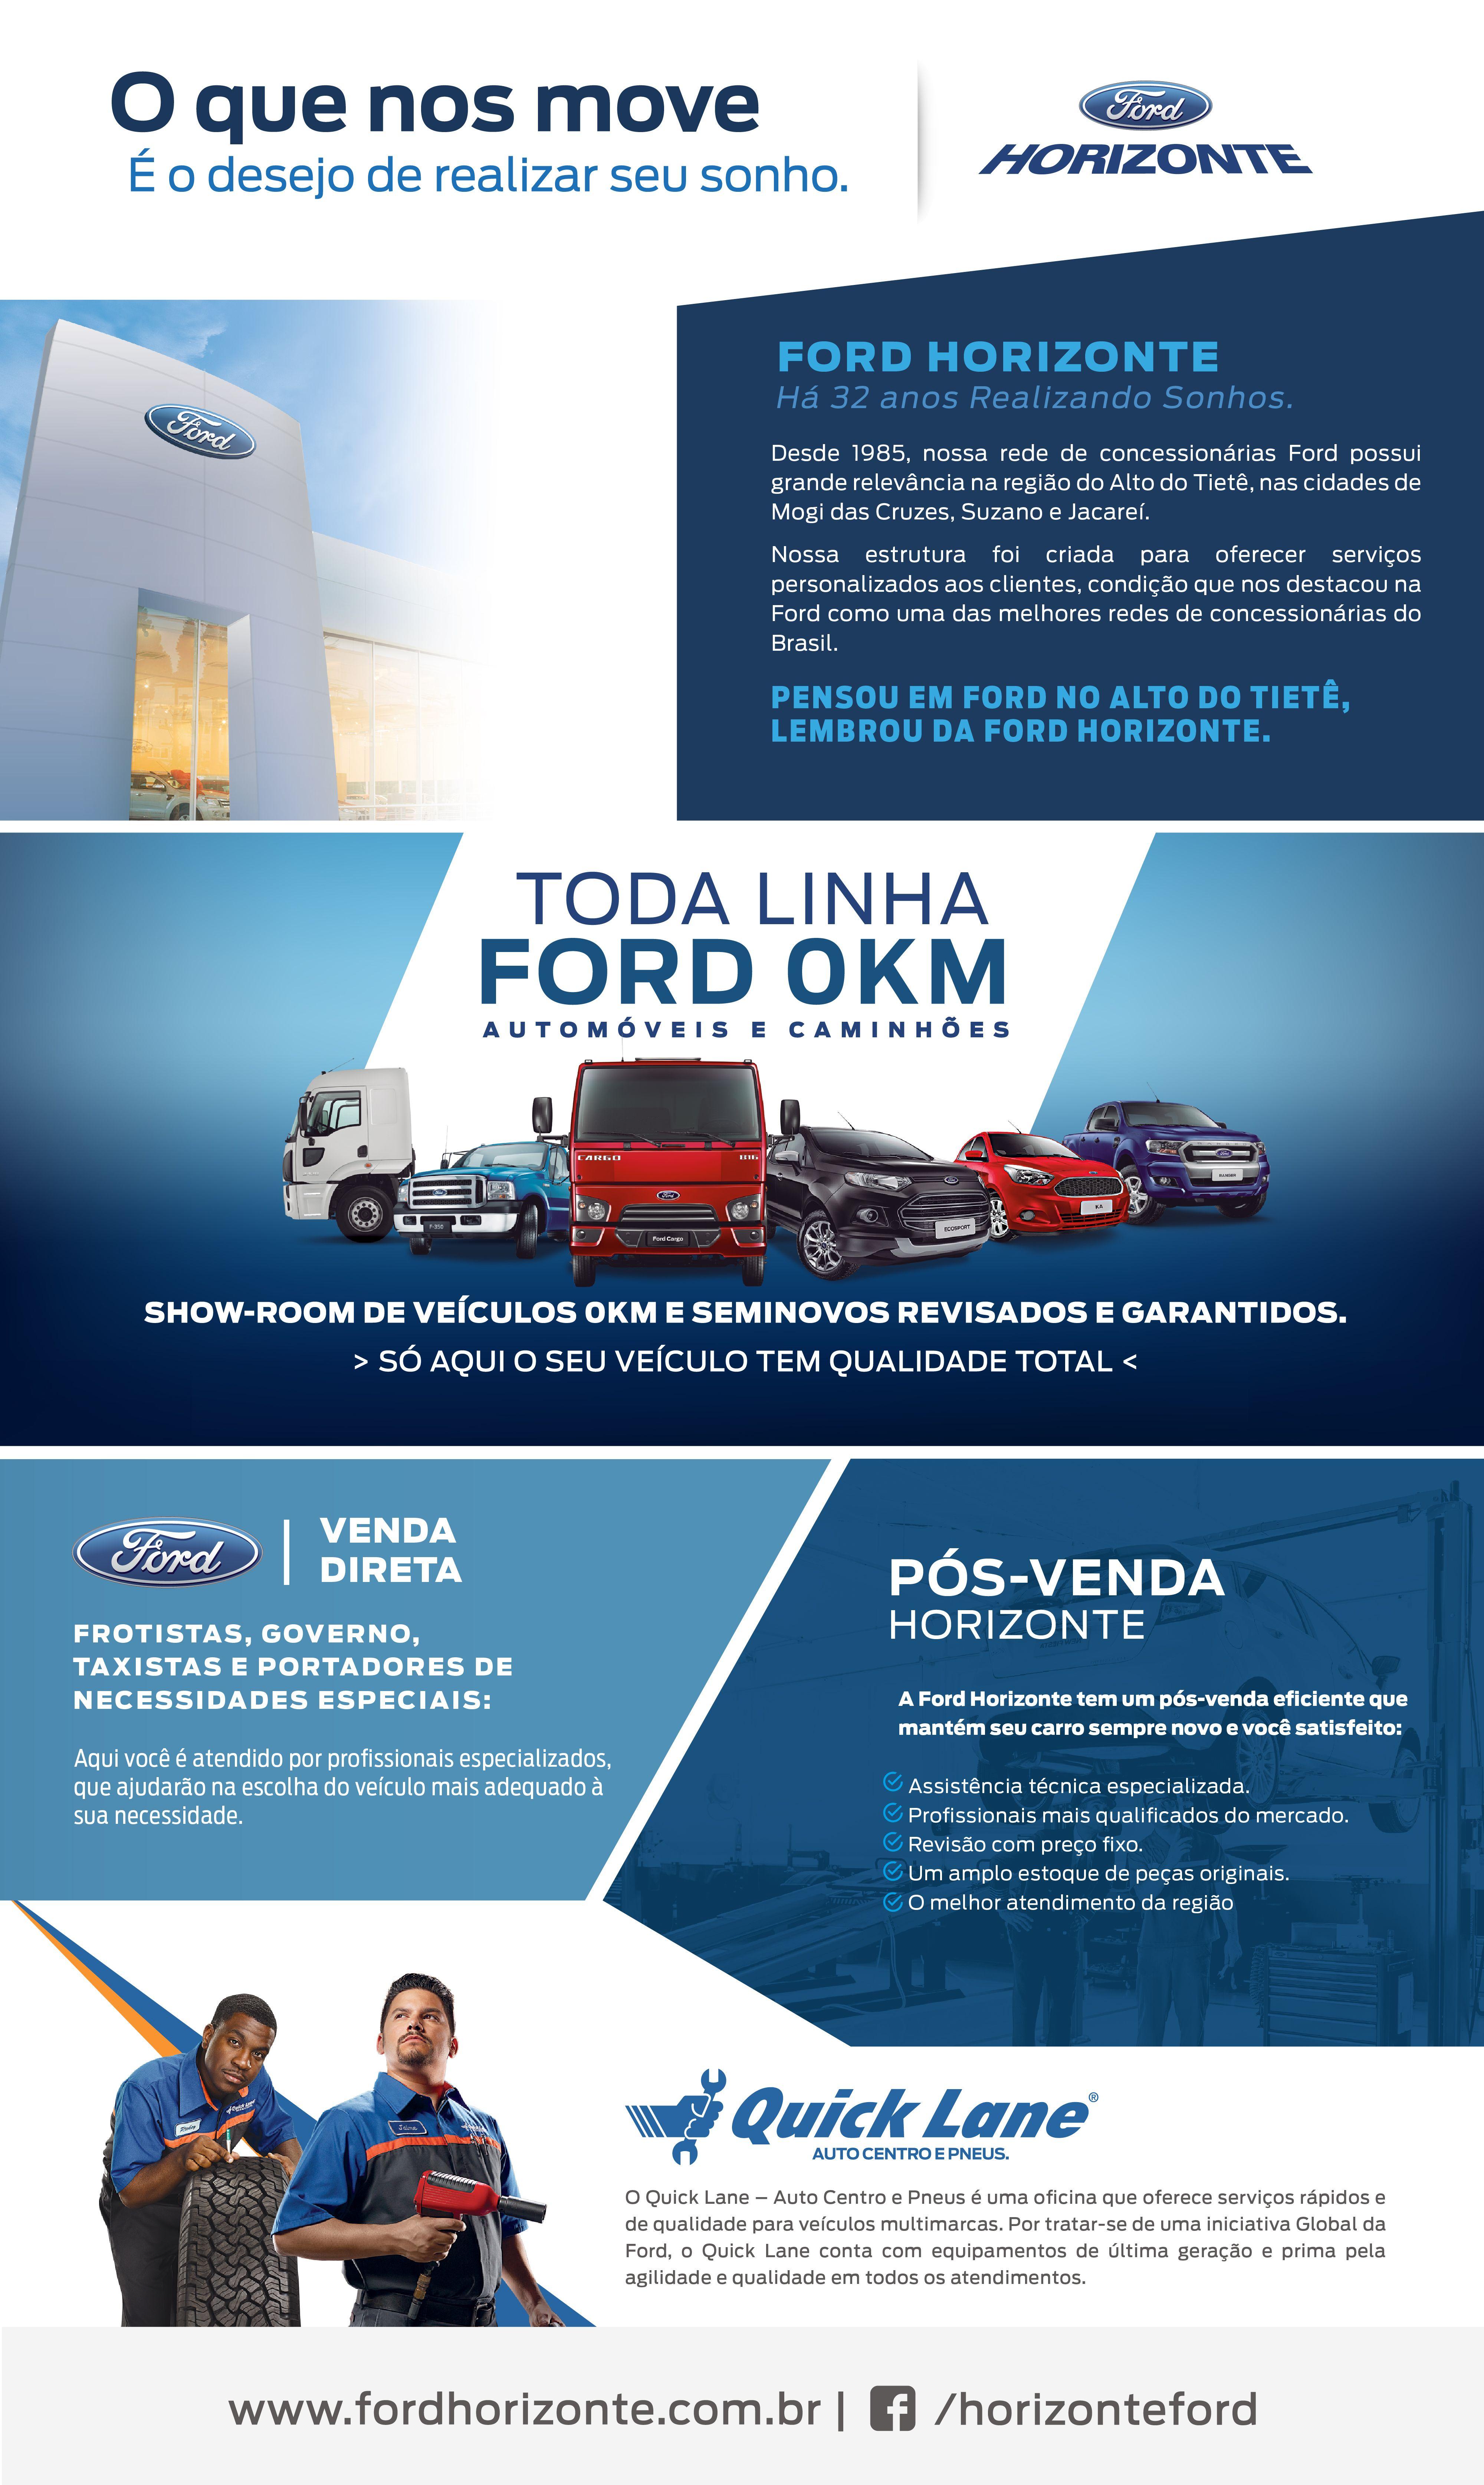 Criacao Email Mkt Cliente Ford Horizonte Ford Horizonte Sonhos